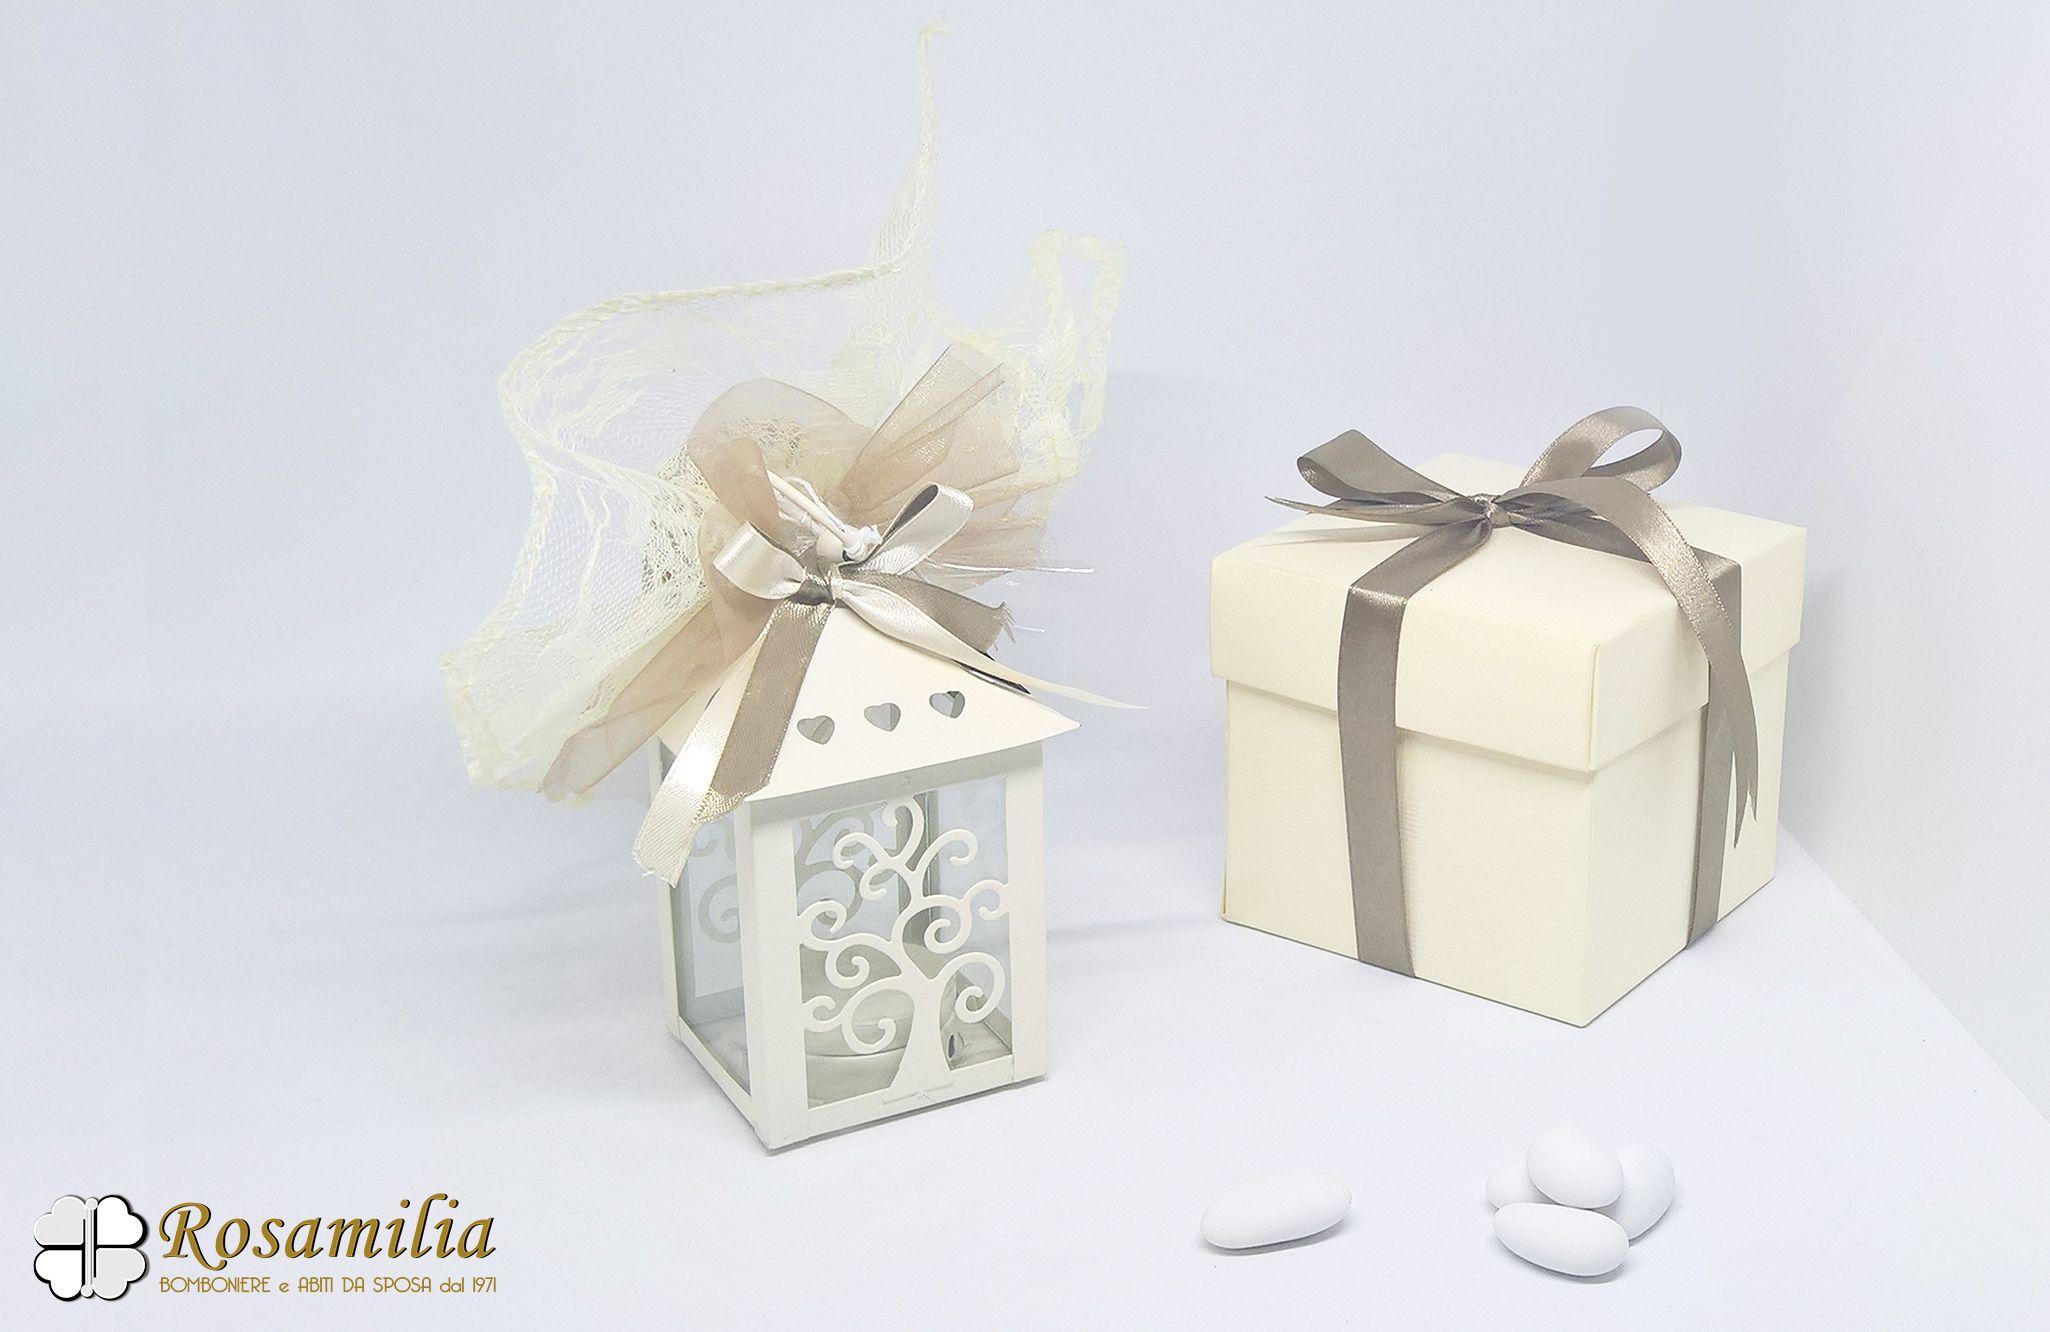 Bomboniere Matrimonio Lanterna Con Albero Della Vita Bomboniere Matrimonio 2019 Bomboniera Per Matrimonio La Bomboniere Matrimonio Lanterna Bomboniere Di Nozze